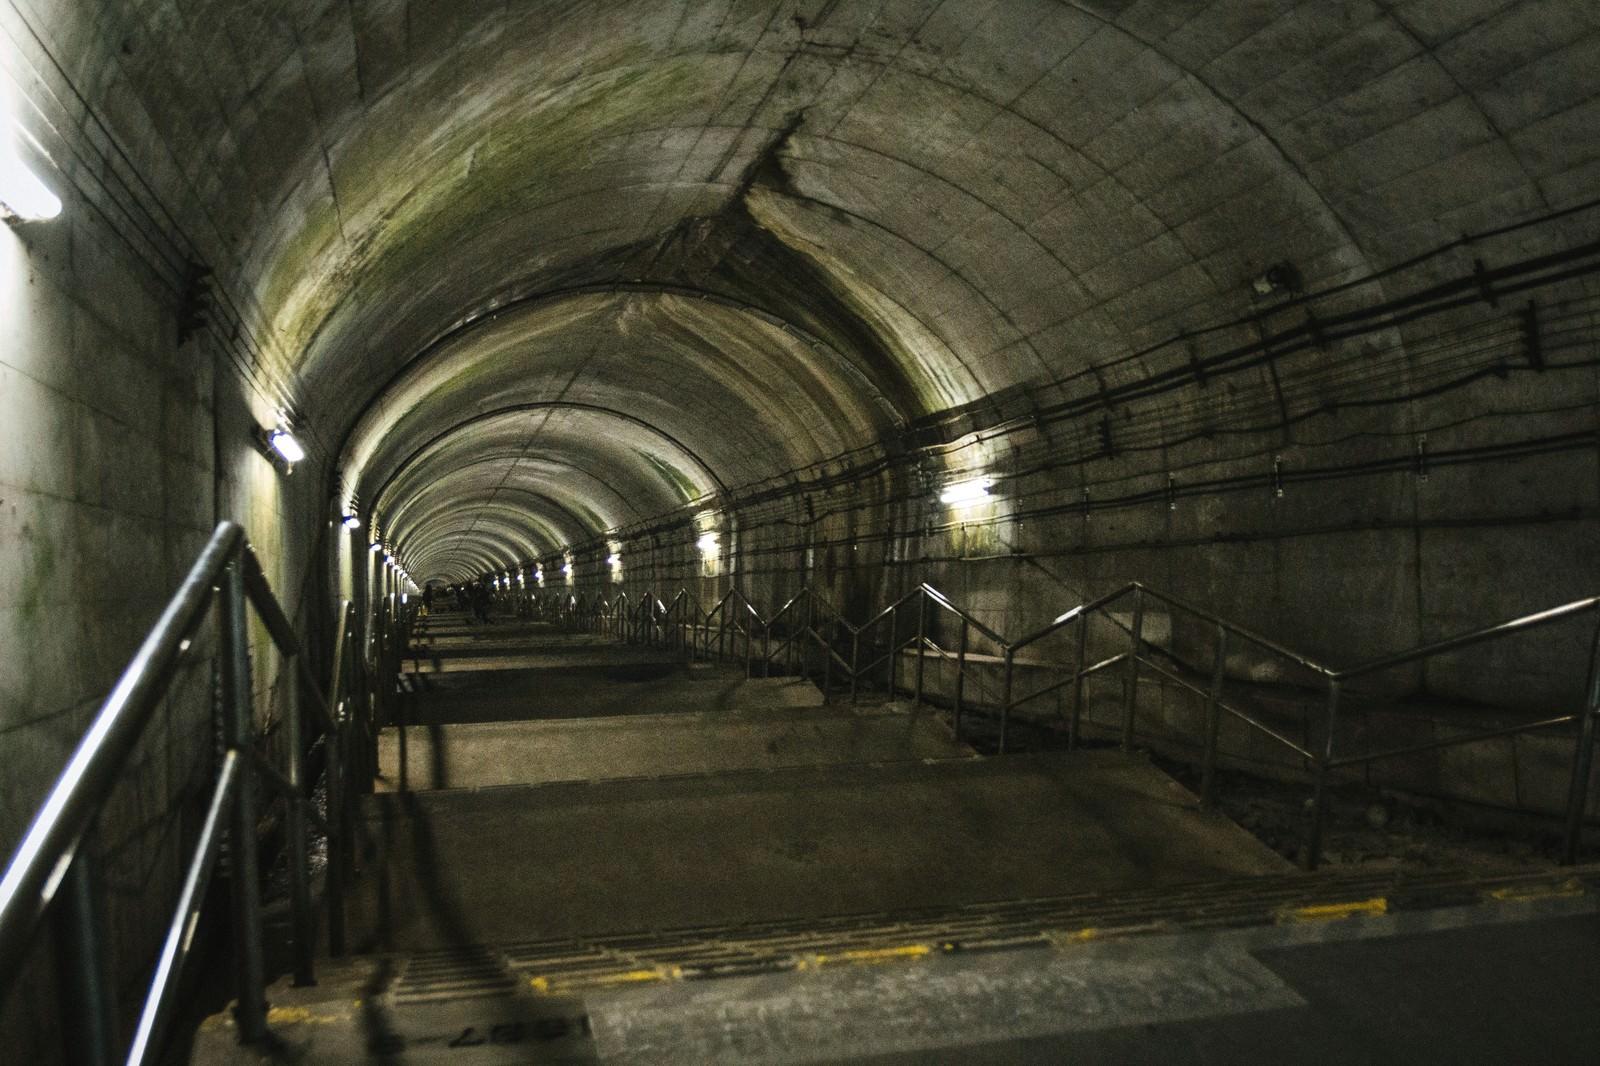 「トンネル 素材」の画像検索結果